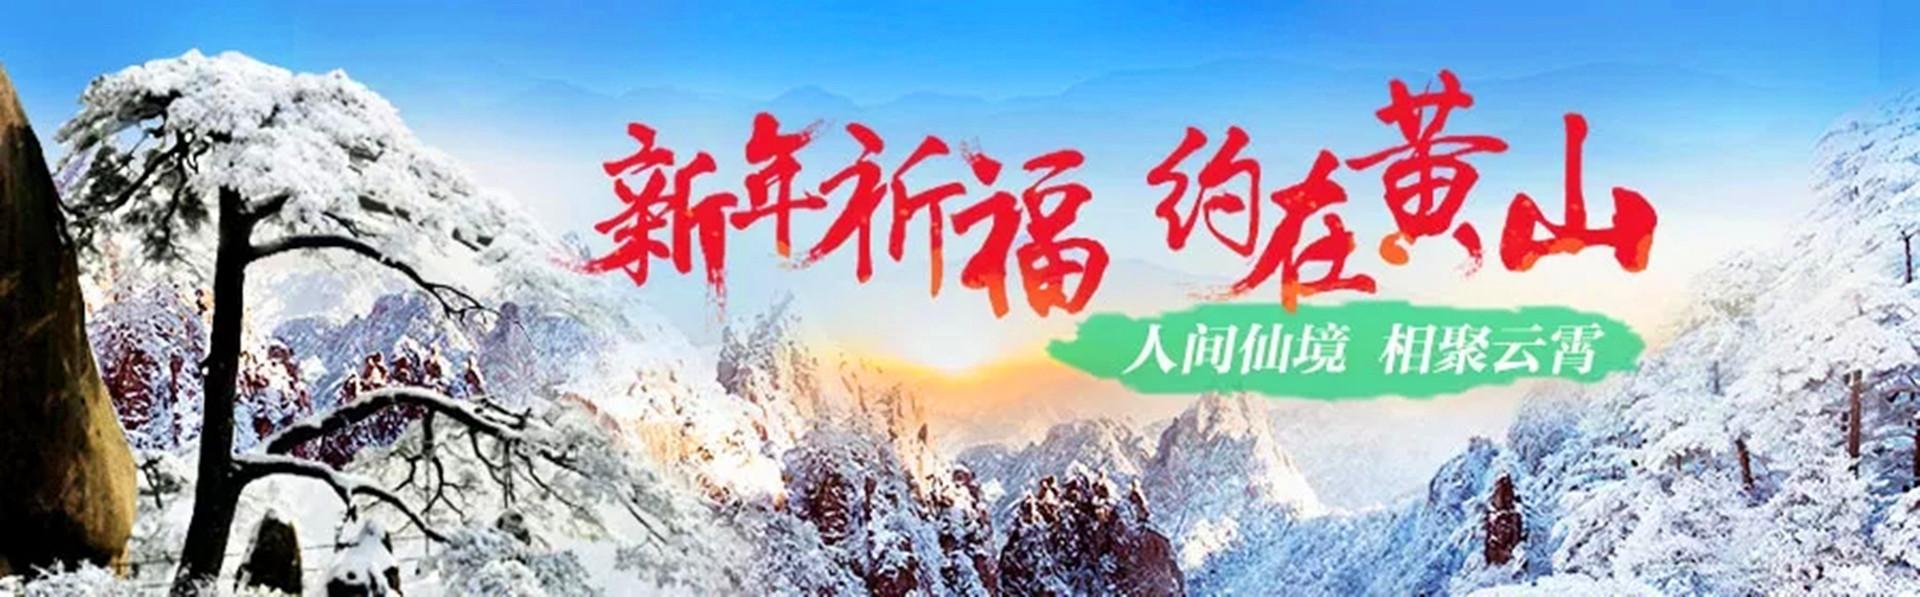 黄山+西递宏村3日2晚跟团游·逛双古街,游画里古村,登黄山游精华